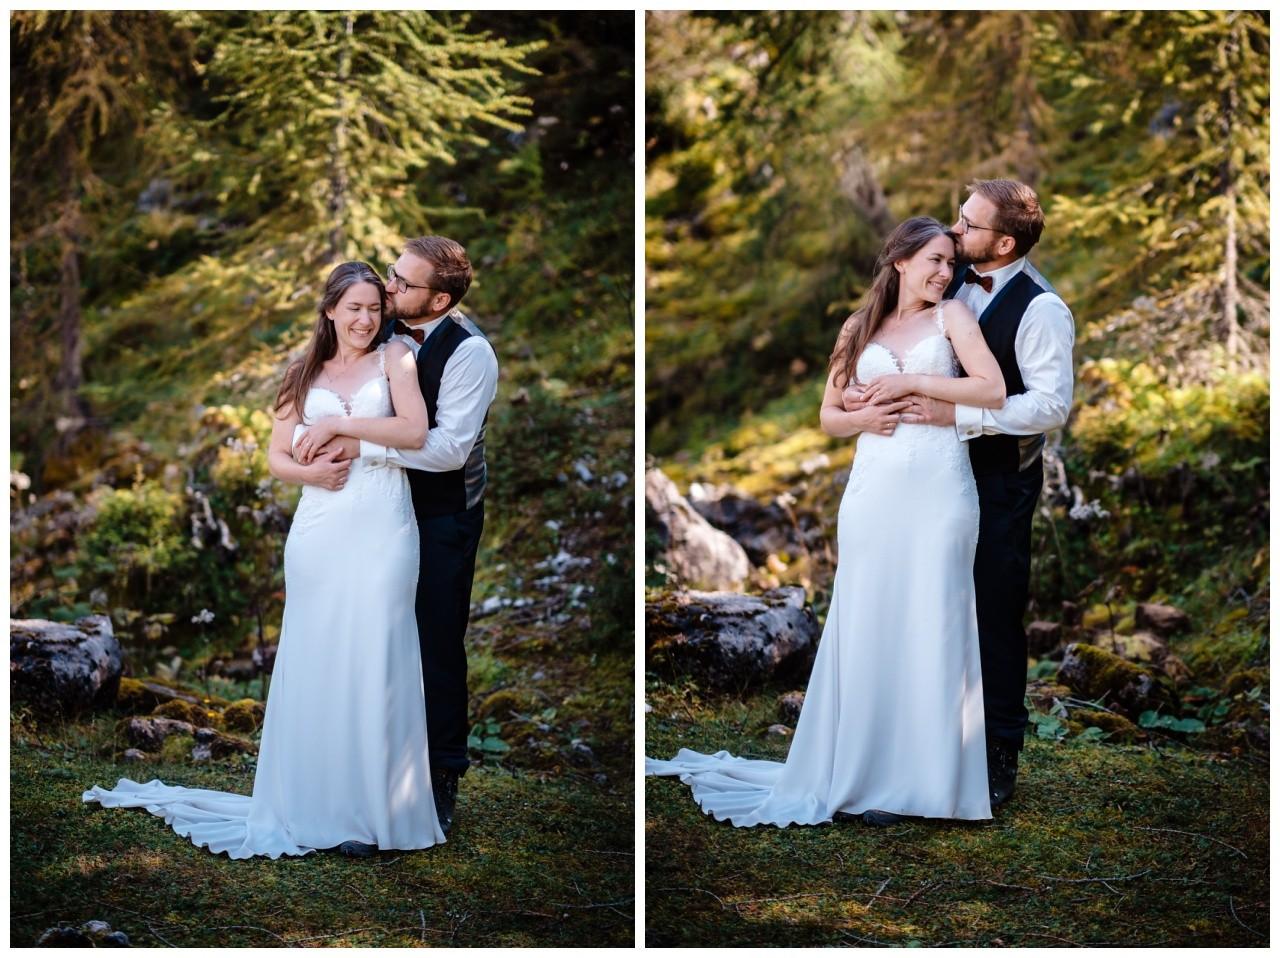 hochzeitsfoto eibsee zugspitze gamisch hochzeitsfotograf foto paarshooting 22 - Hochzeitsfotos am Eibsee